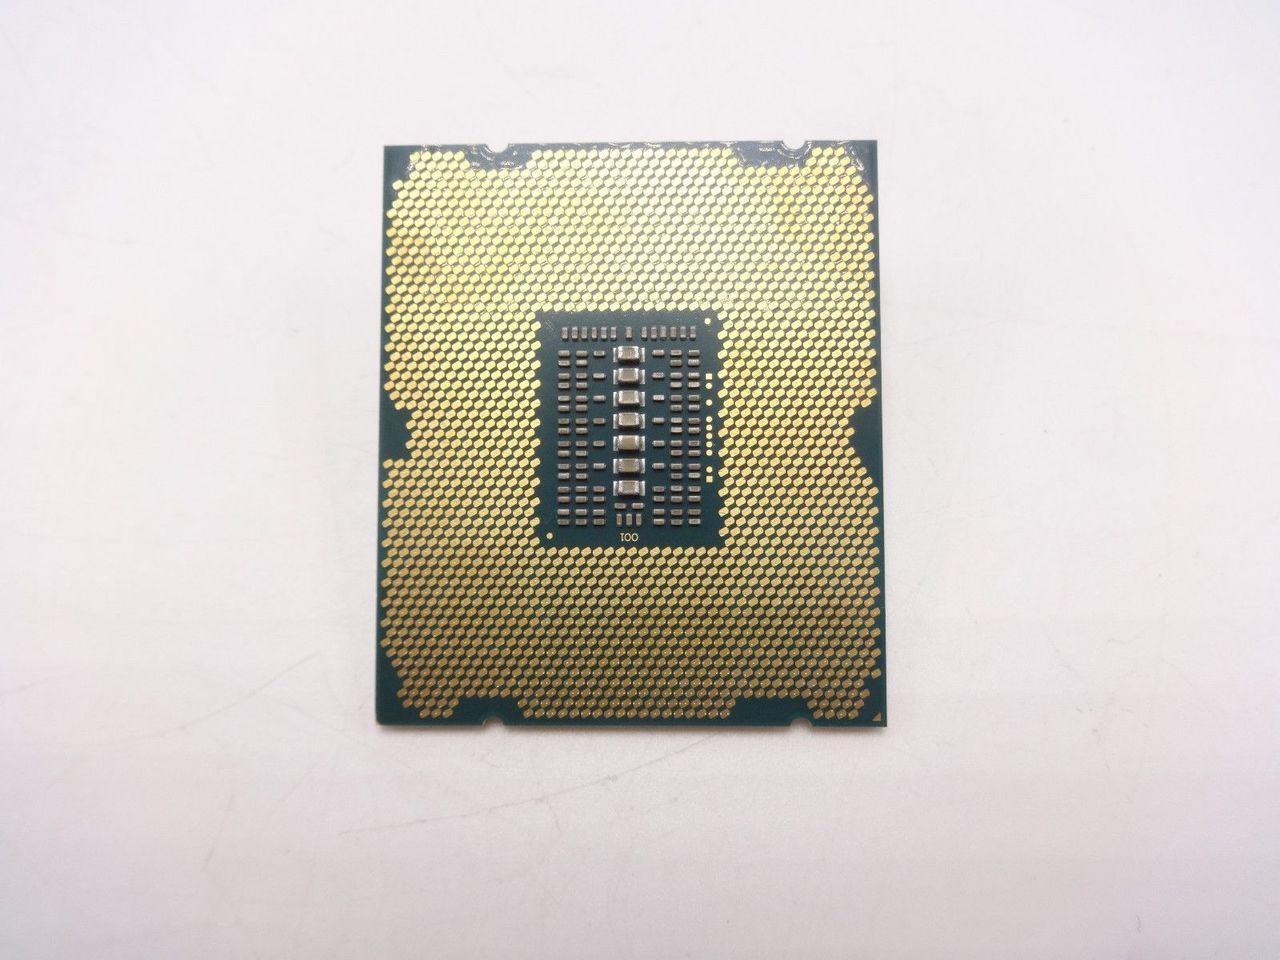 Intel SR1A8 E5-2650 V2 8C 2.6/20MB 1VDCX